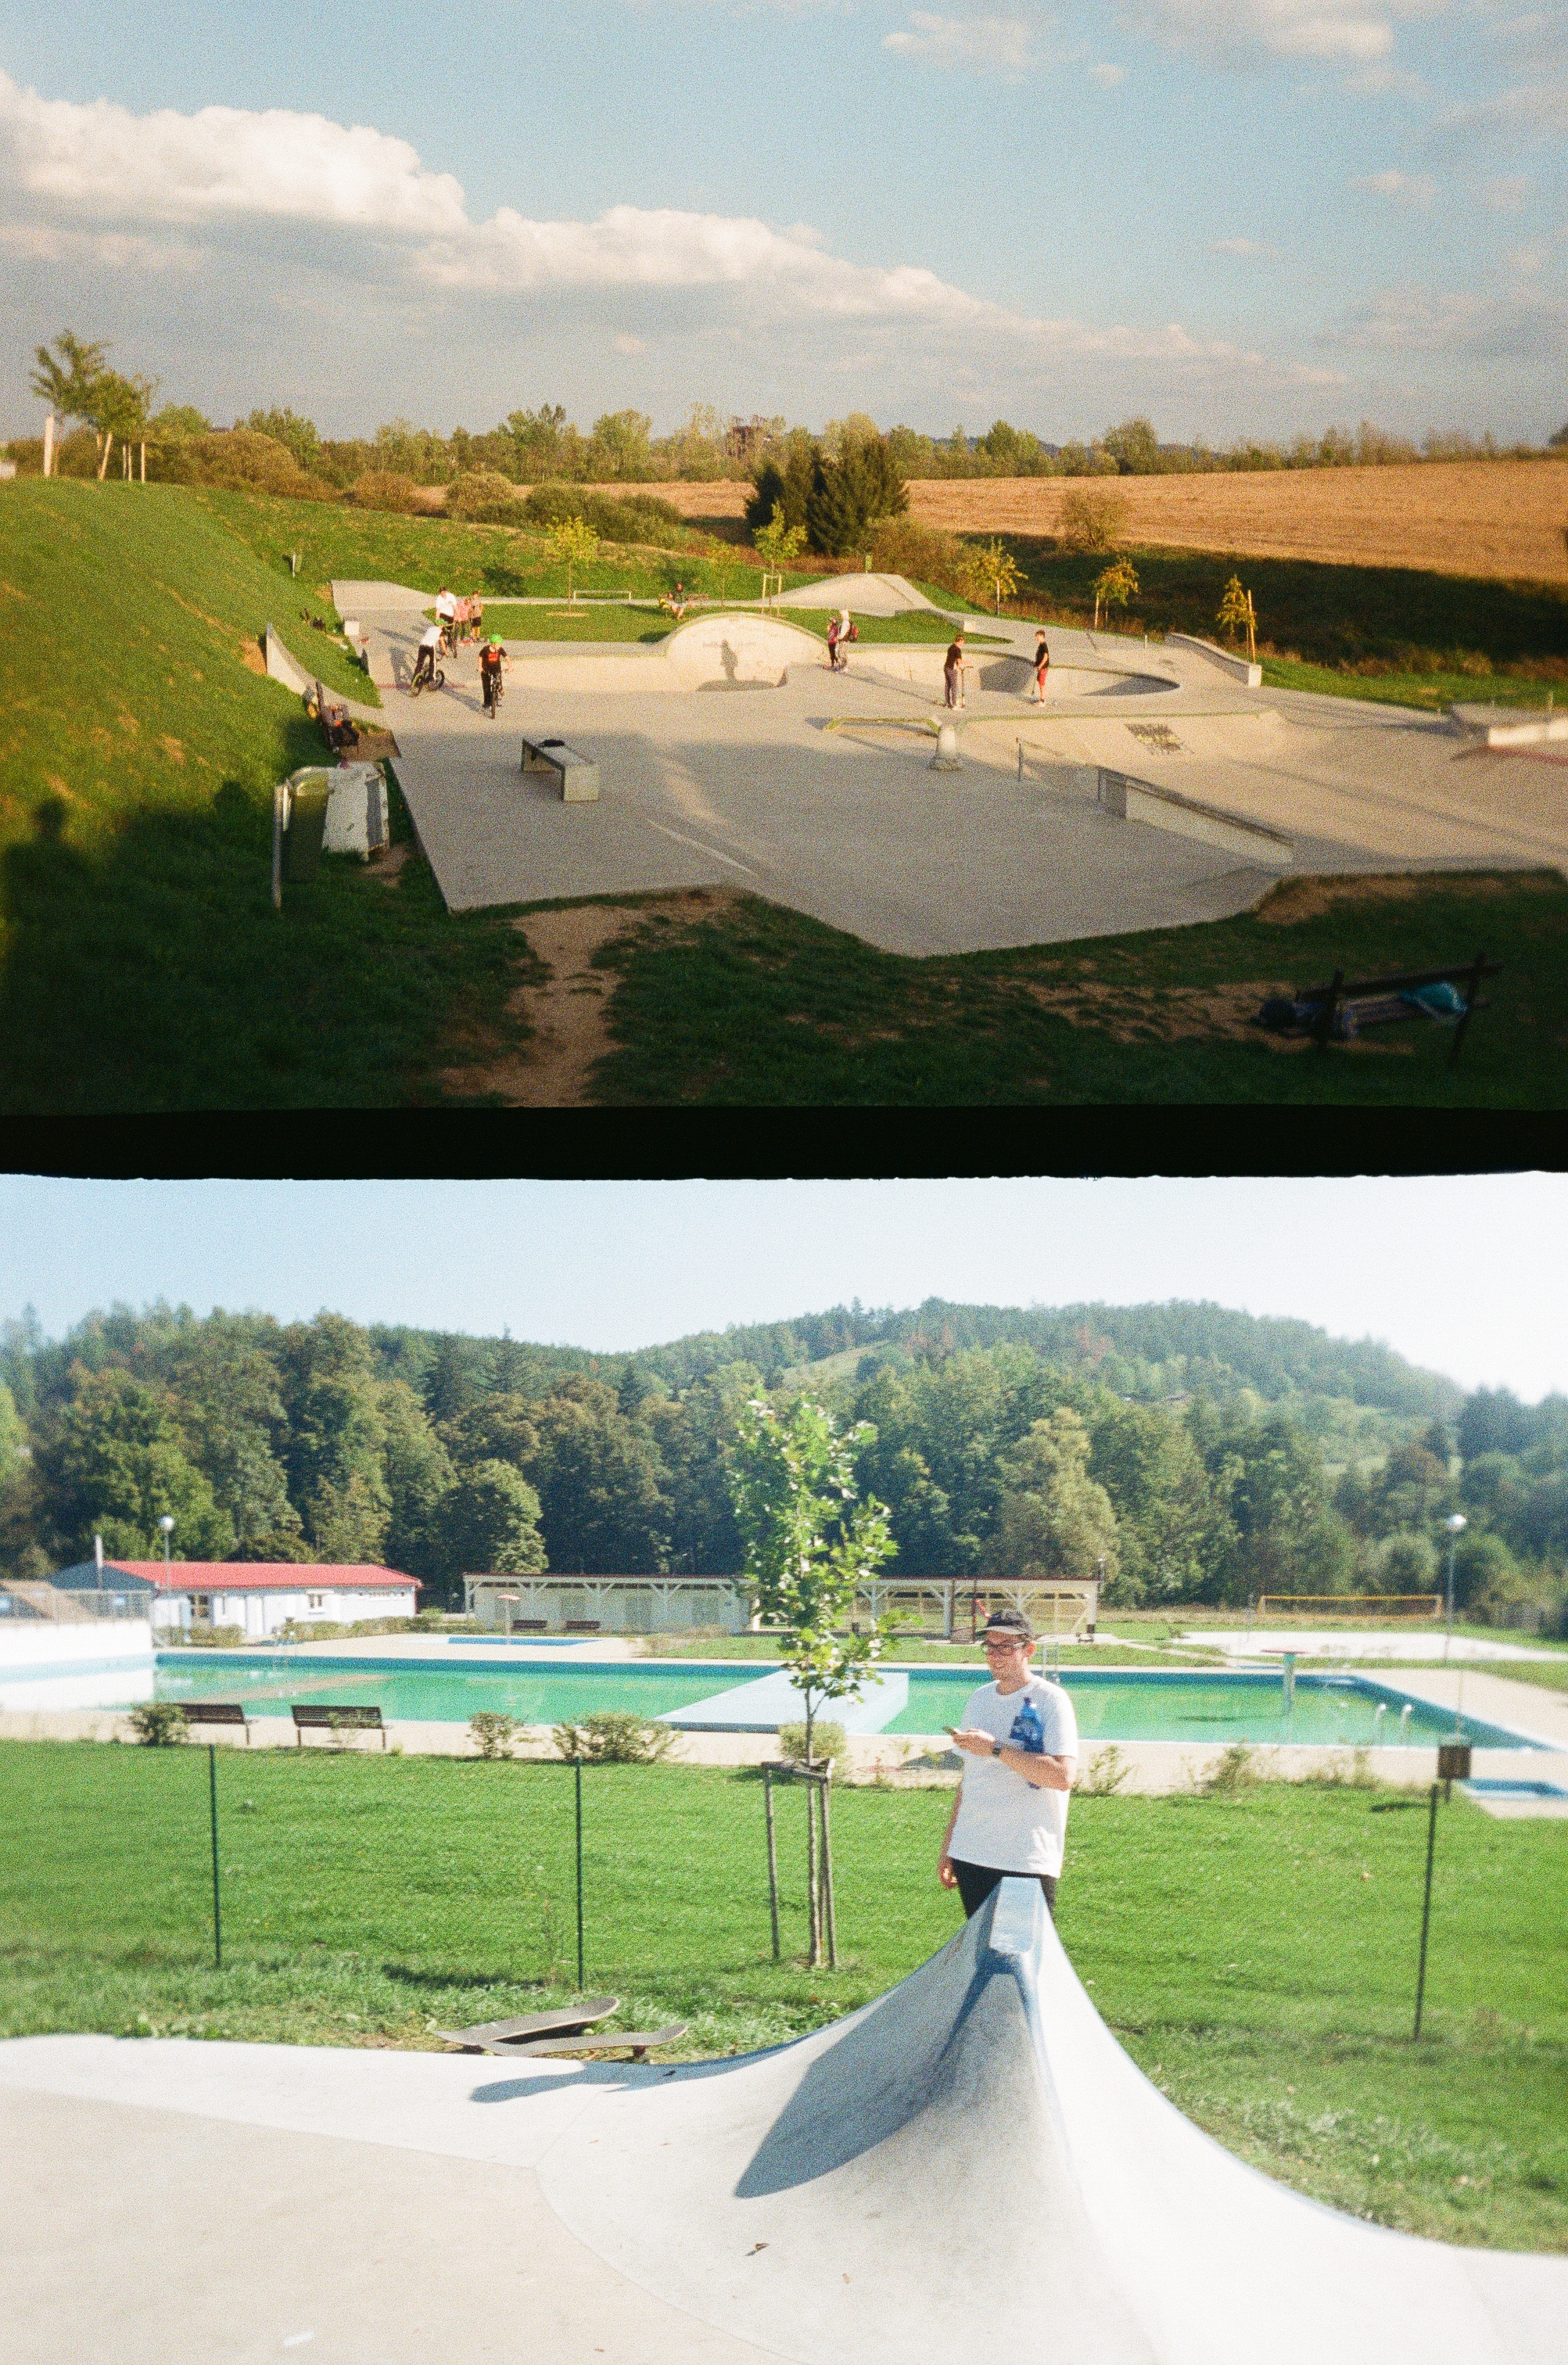 Vzpomínky na letní concrate bowl trípek do jižních čech a Plzně. Na fotce Klatovy.